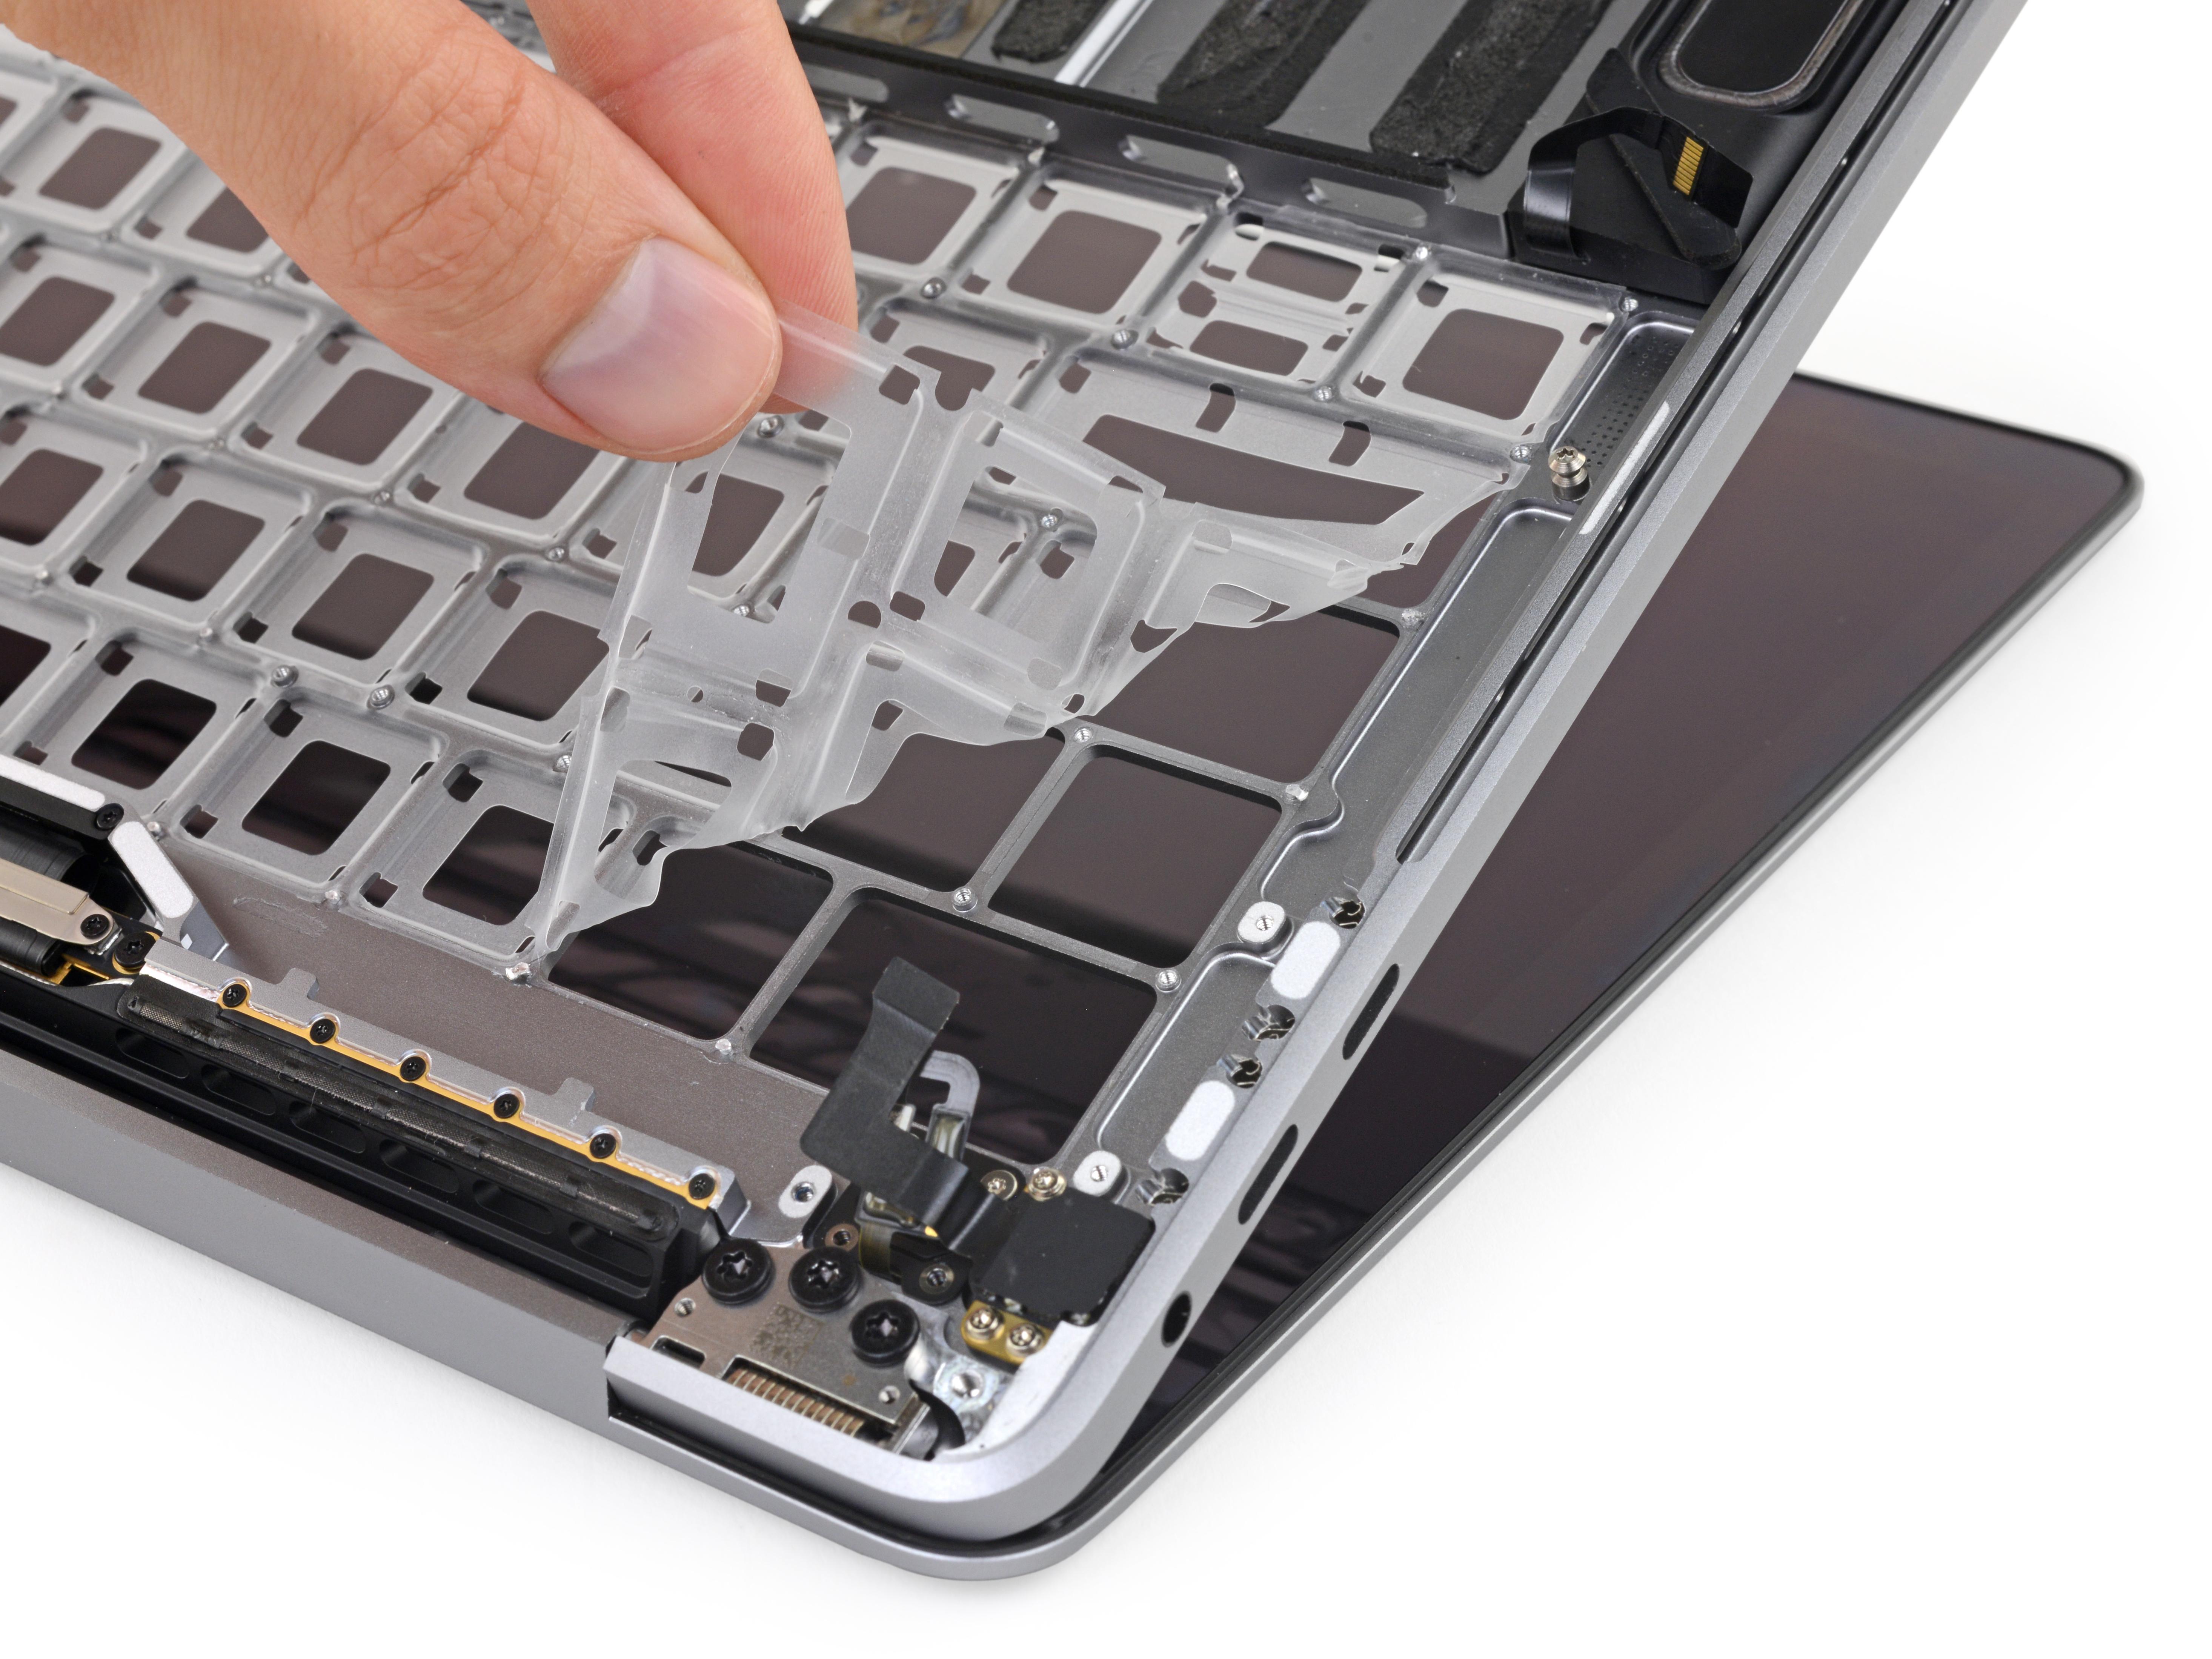 La membrana che apple aveva usato per limitare i problemi delle tastiere